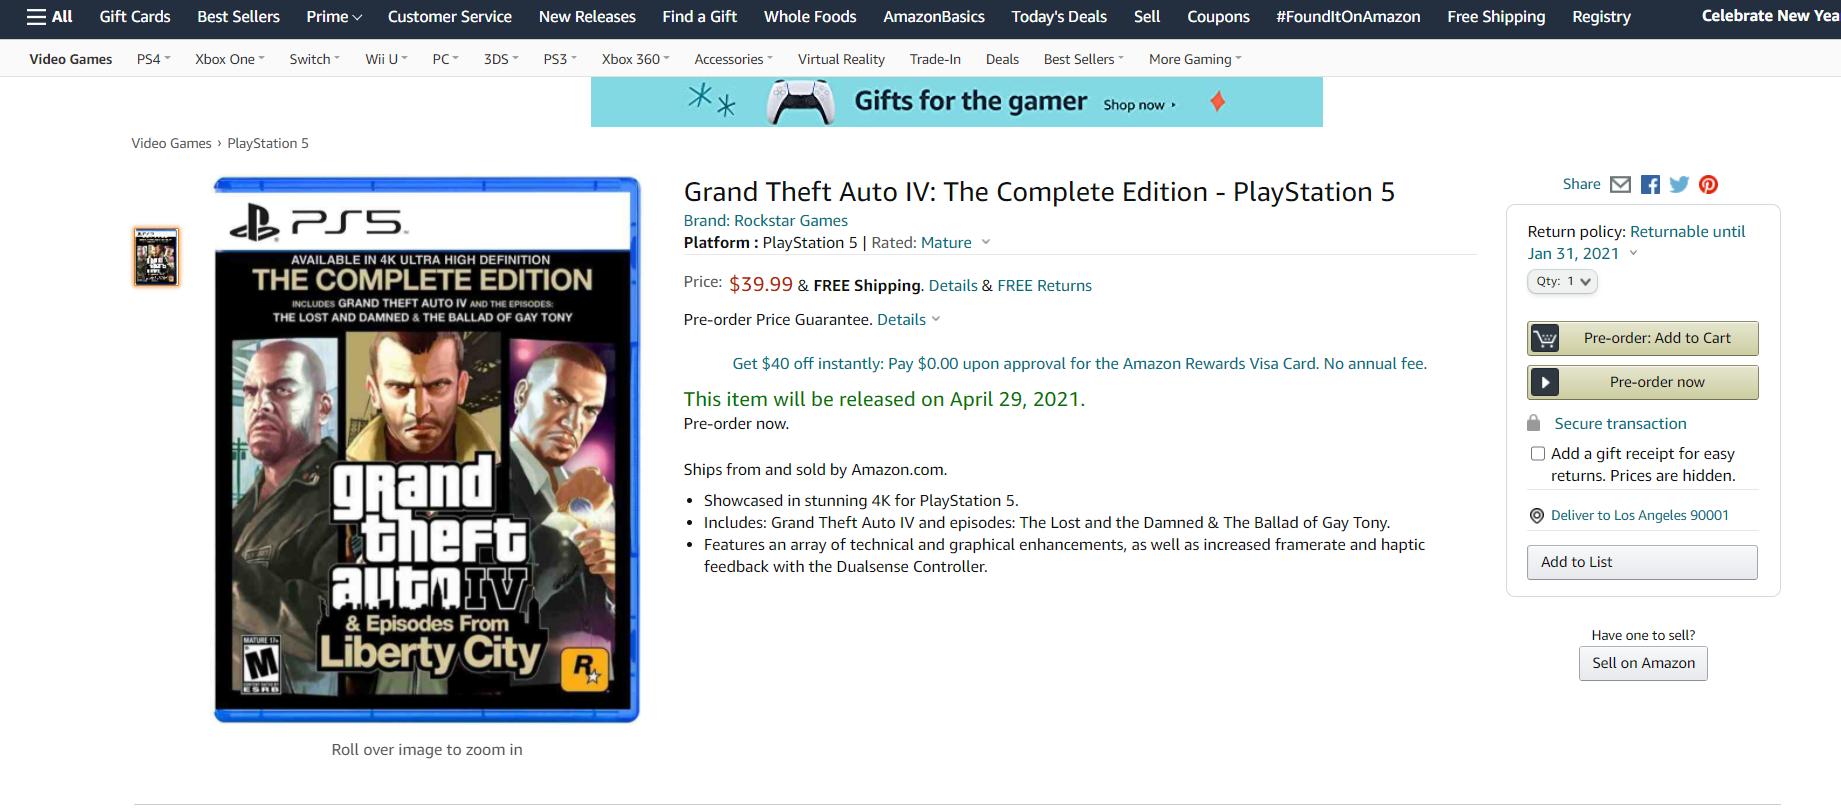 PS5版《GTA4》完整版短暂上架亚马逊  将于2021年4月29日发售